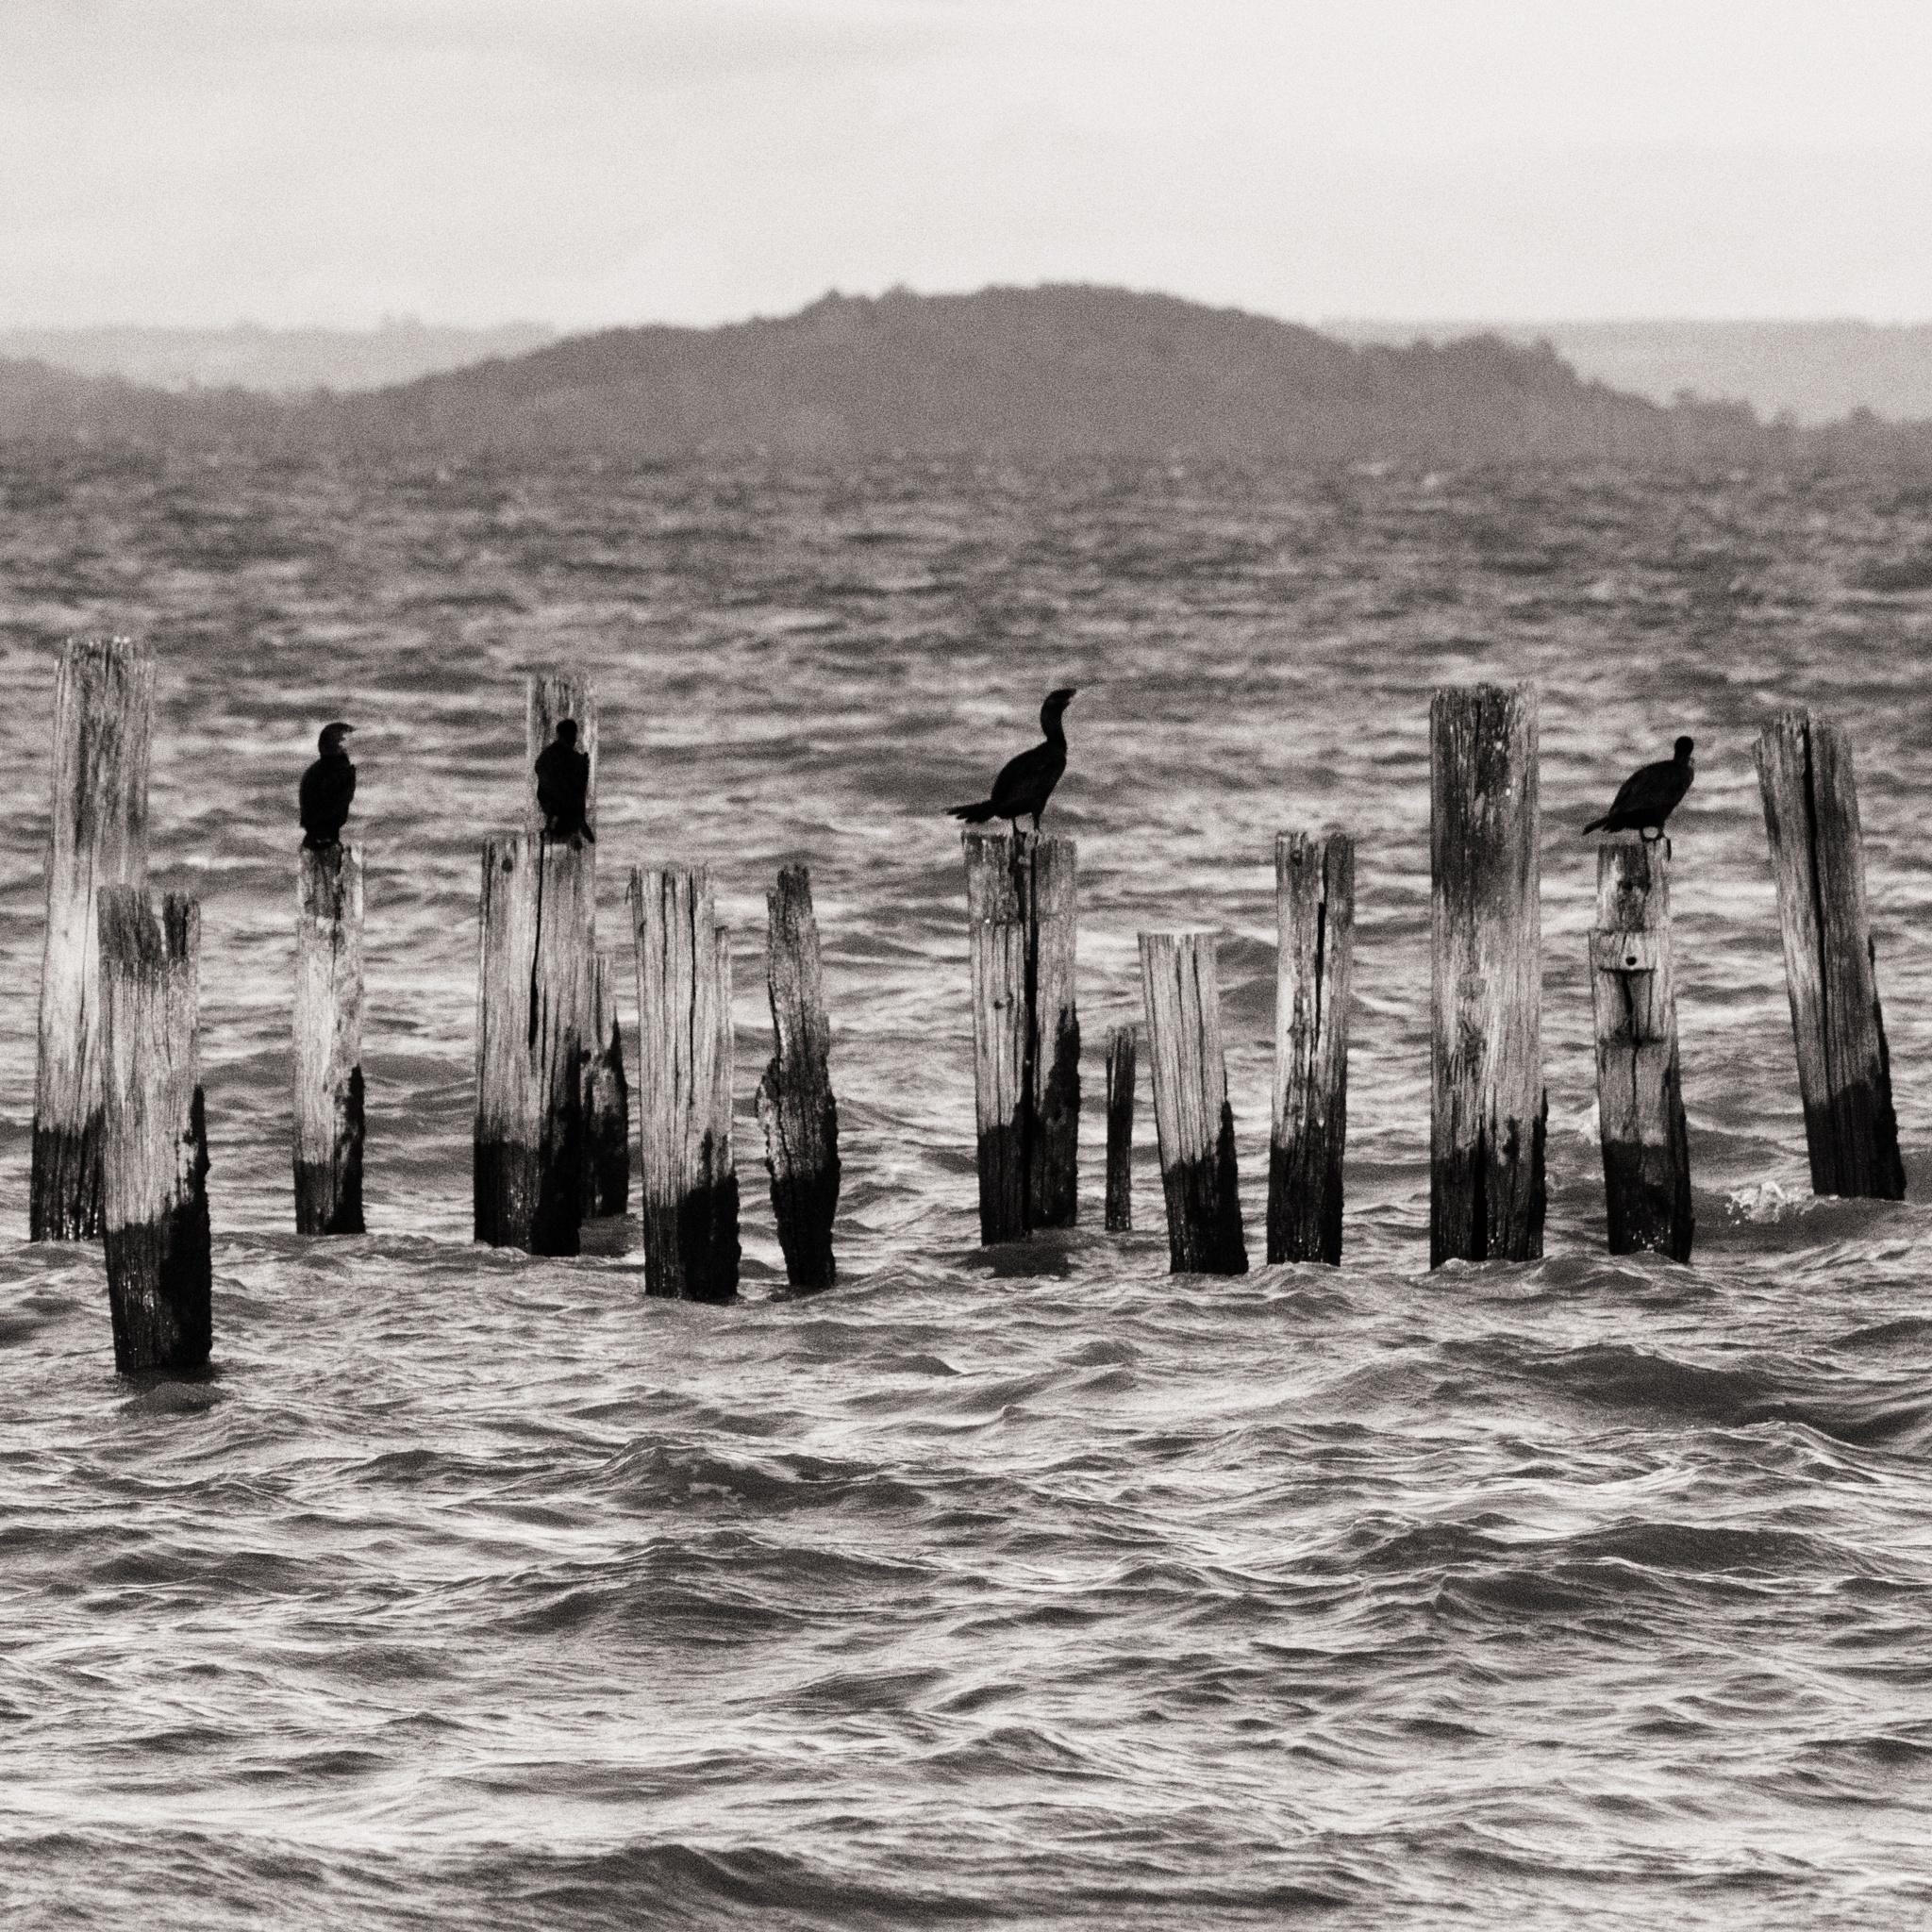 Barra do Ribeiro clippings by williancorrea